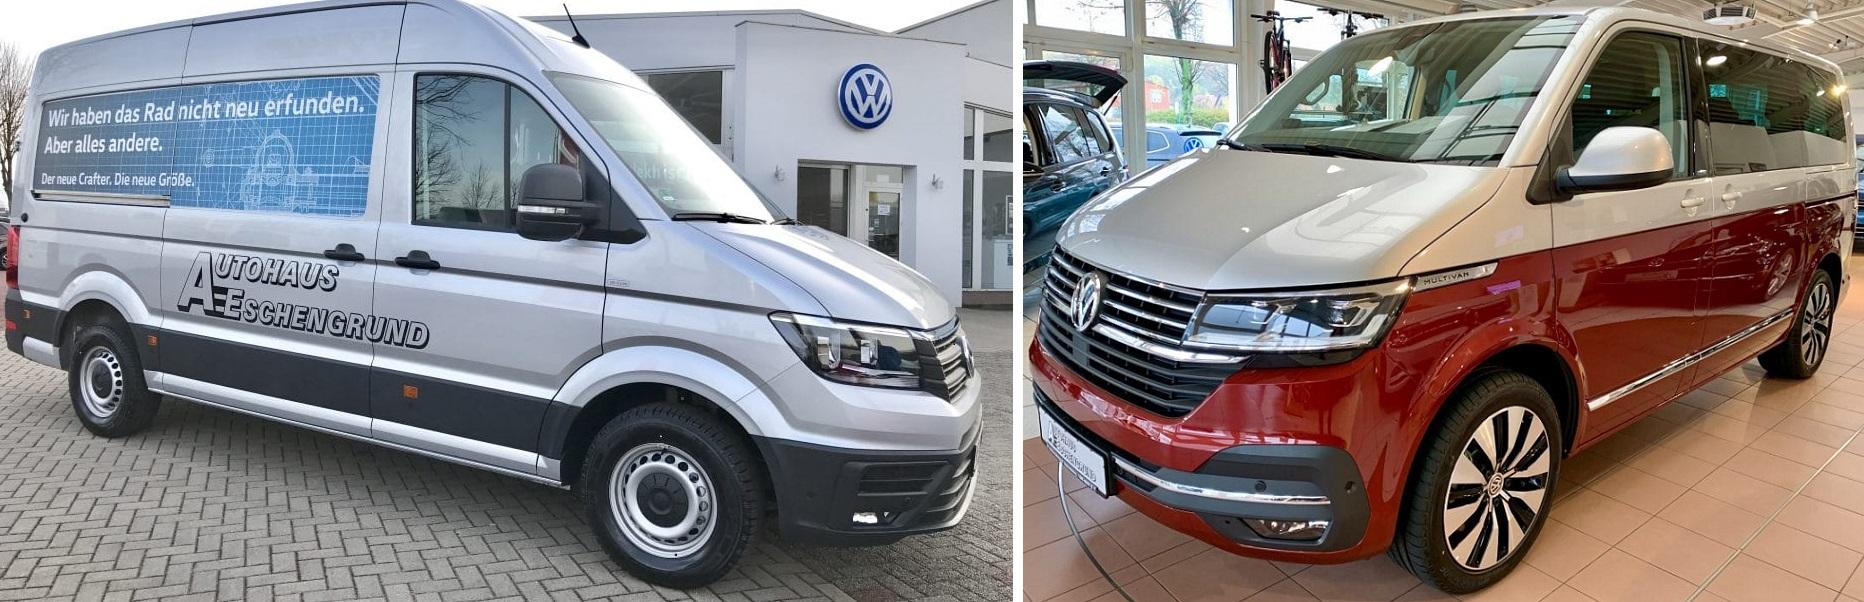 Auch VW Nutzfahrzeuge (z. B. Crafter, Transporter, Multivan) können Sie bei uns günstig mieten.